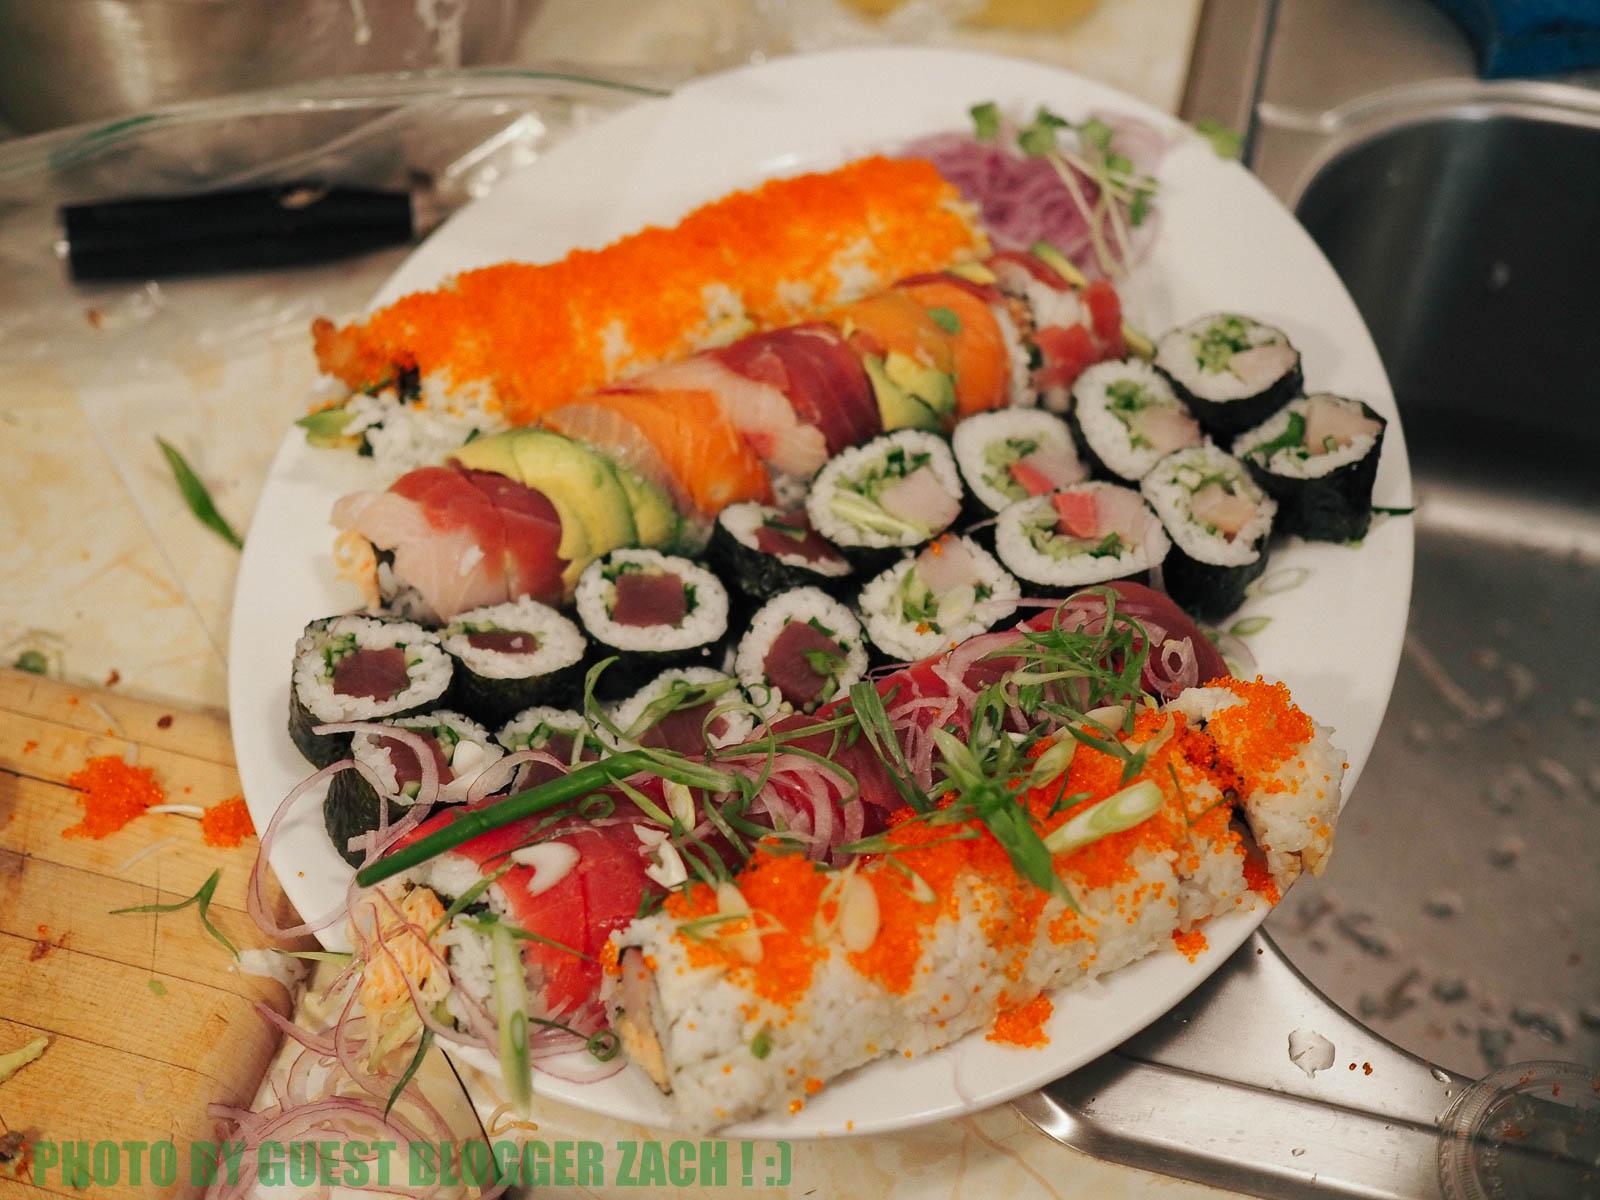 sushi-night-zach-22.jpg